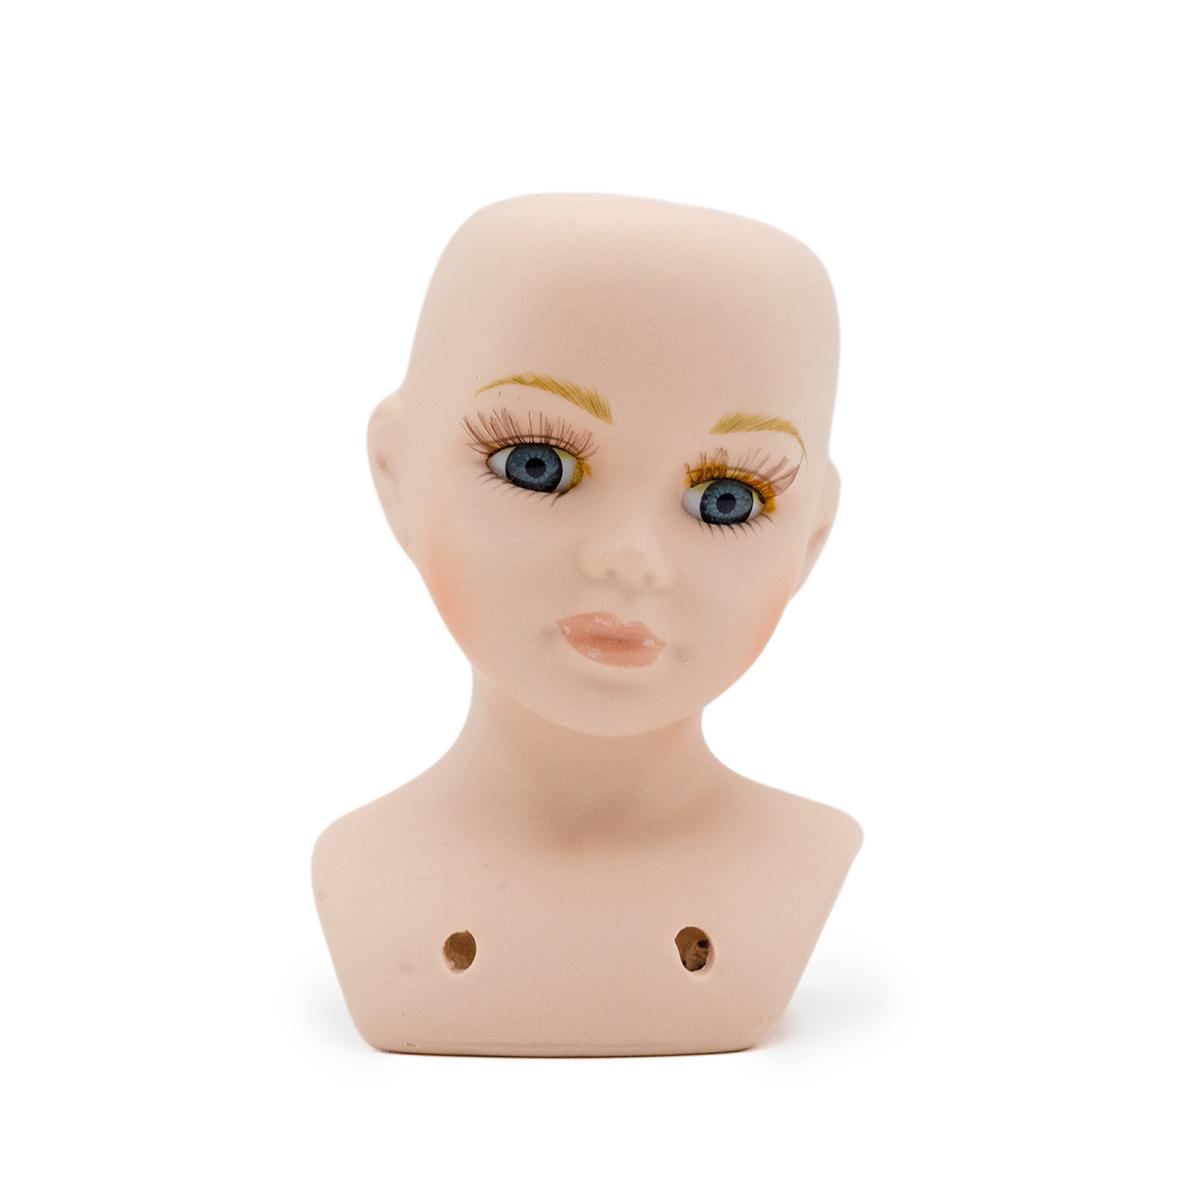 23727 Фарфоровая заготовка №1 'Голова для куклы' : 6см*10,5см гл.-серые